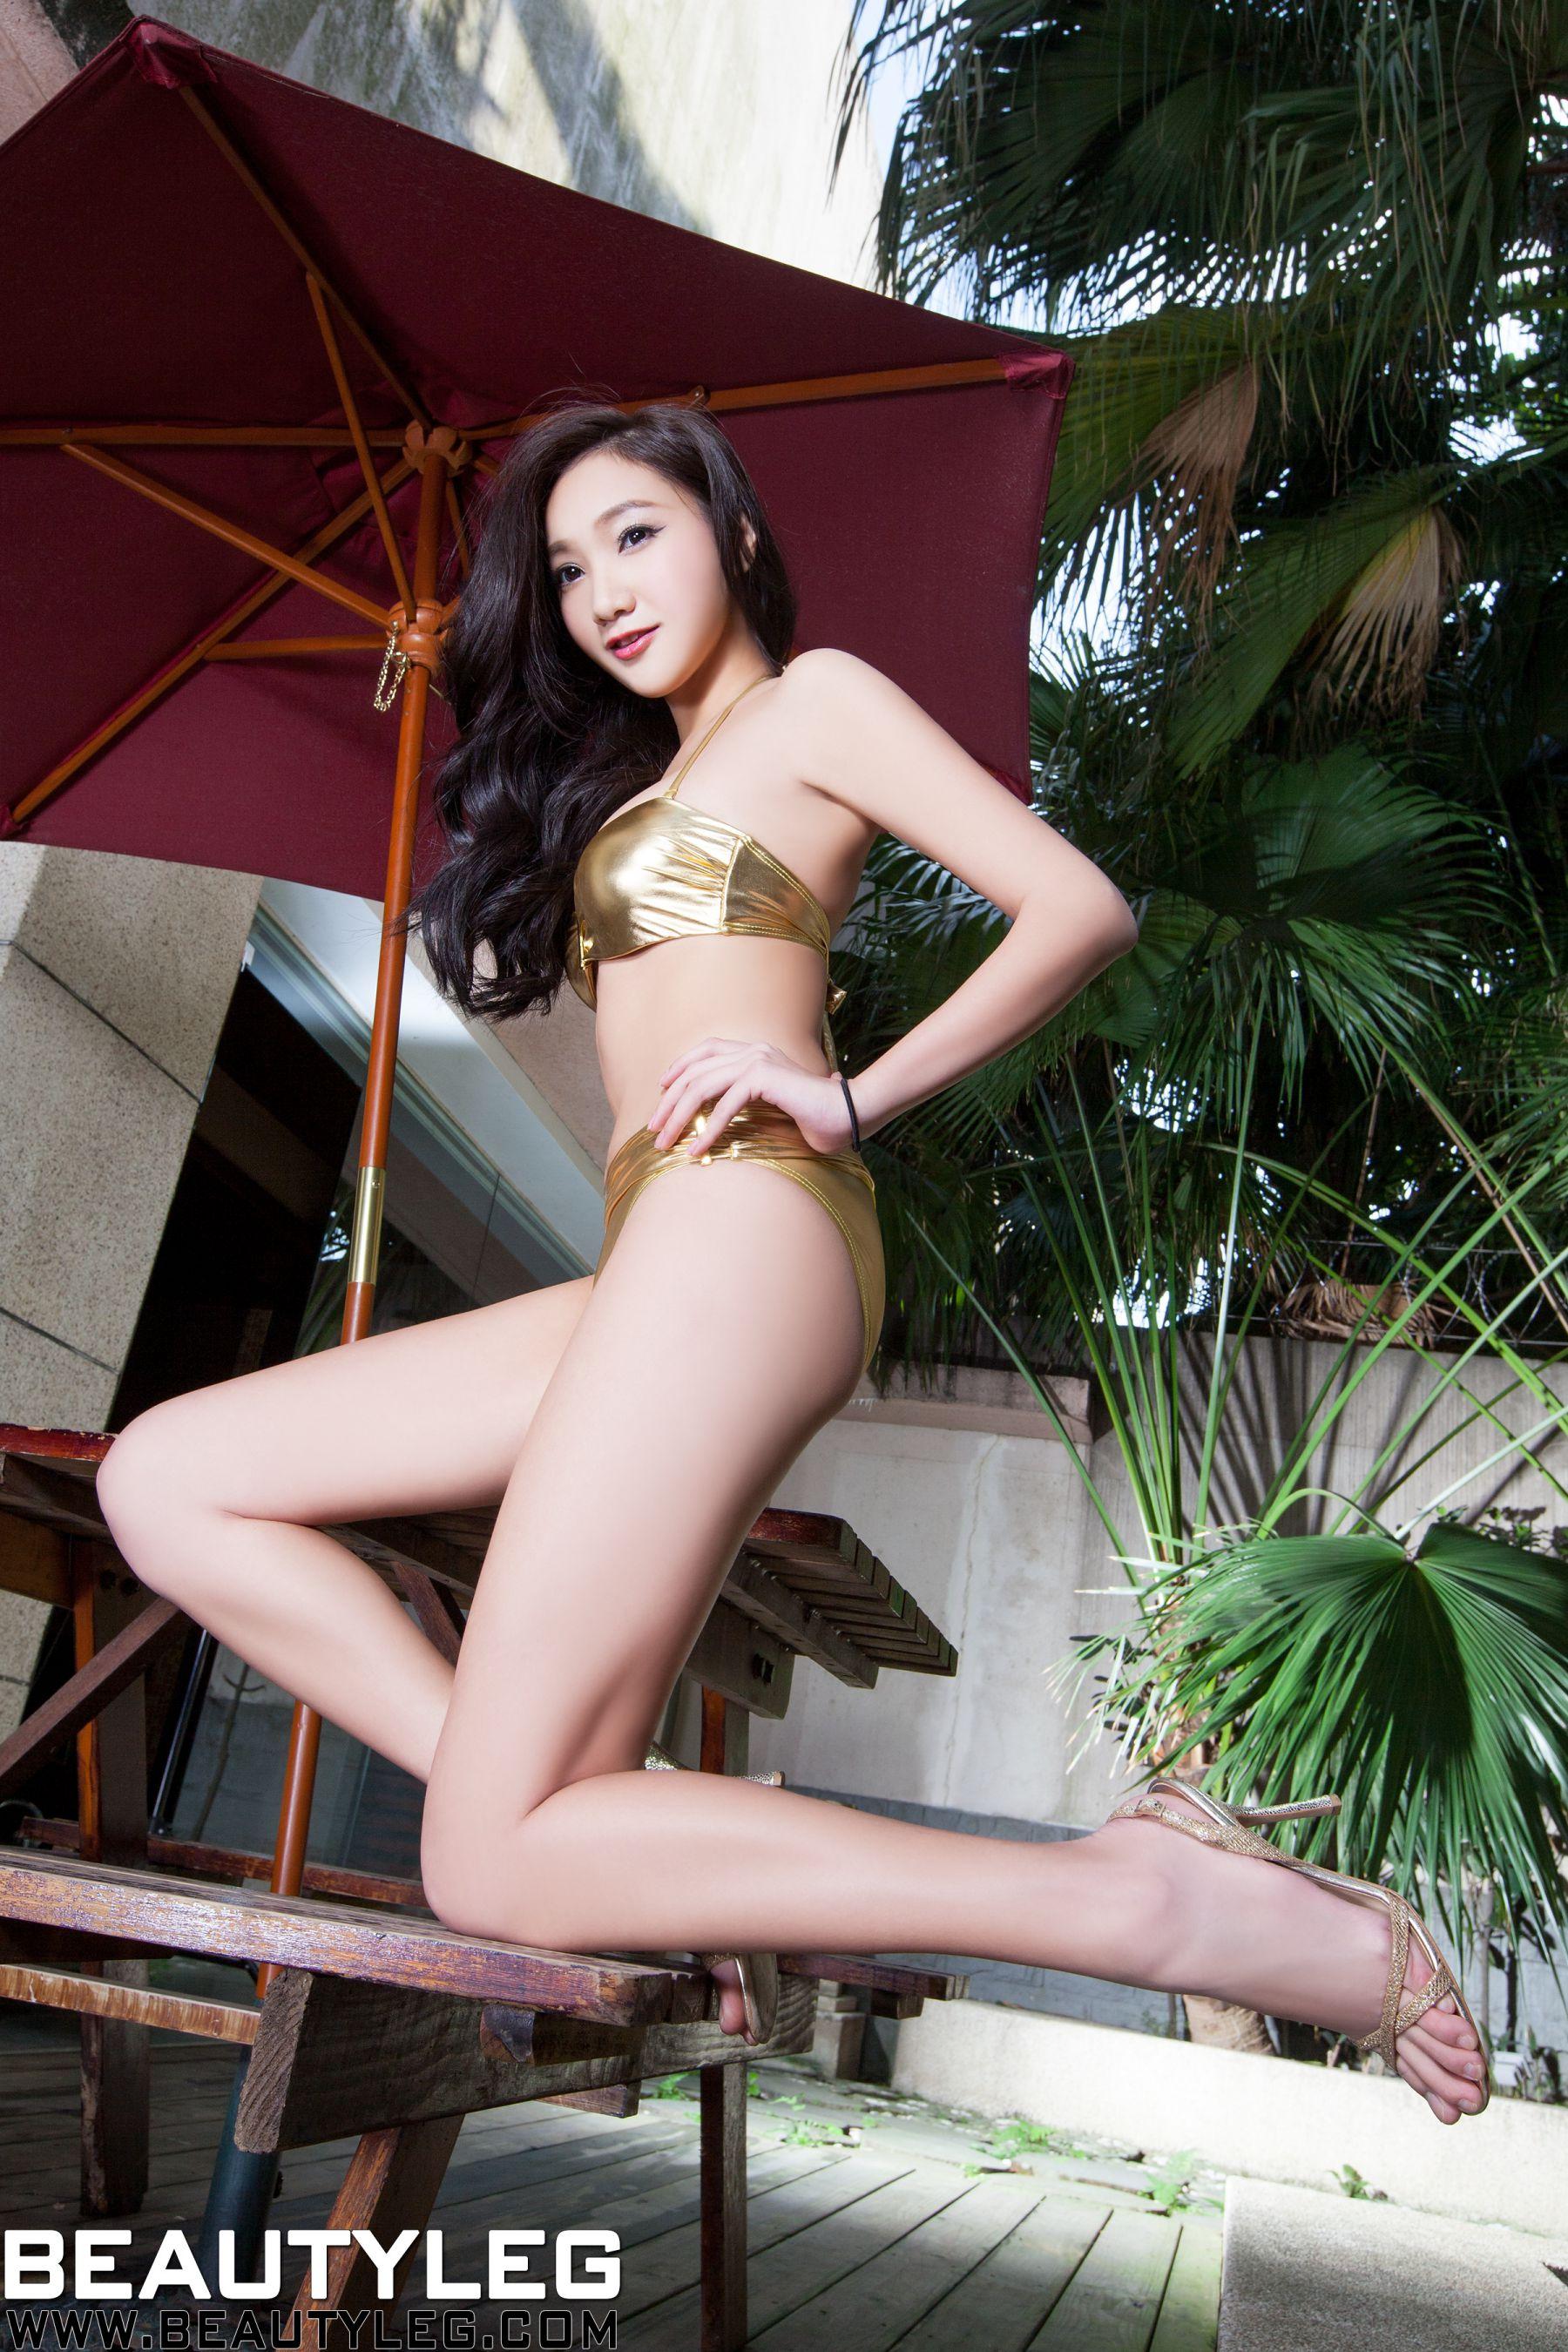 VOL.85 [Beautyleg]泳装美腿:陈思婷(腿模Tina,李霜)高品质写真套图(50P)